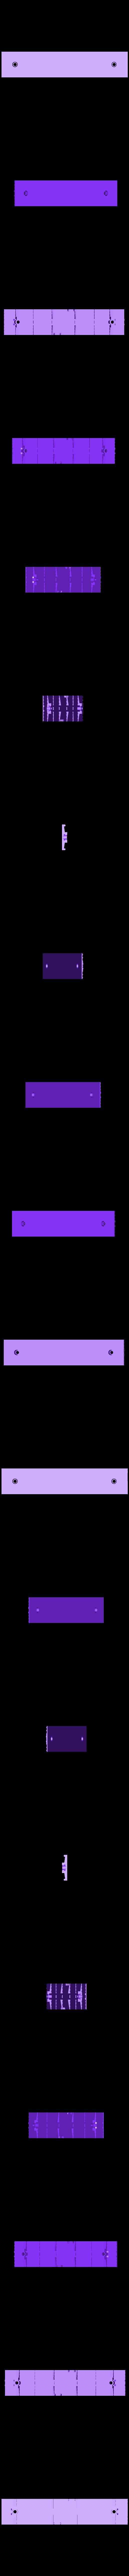 bottom.stl Télécharger fichier STL gratuit Boxcar russe série 11-270, échelle HO • Design pour impression 3D, positron